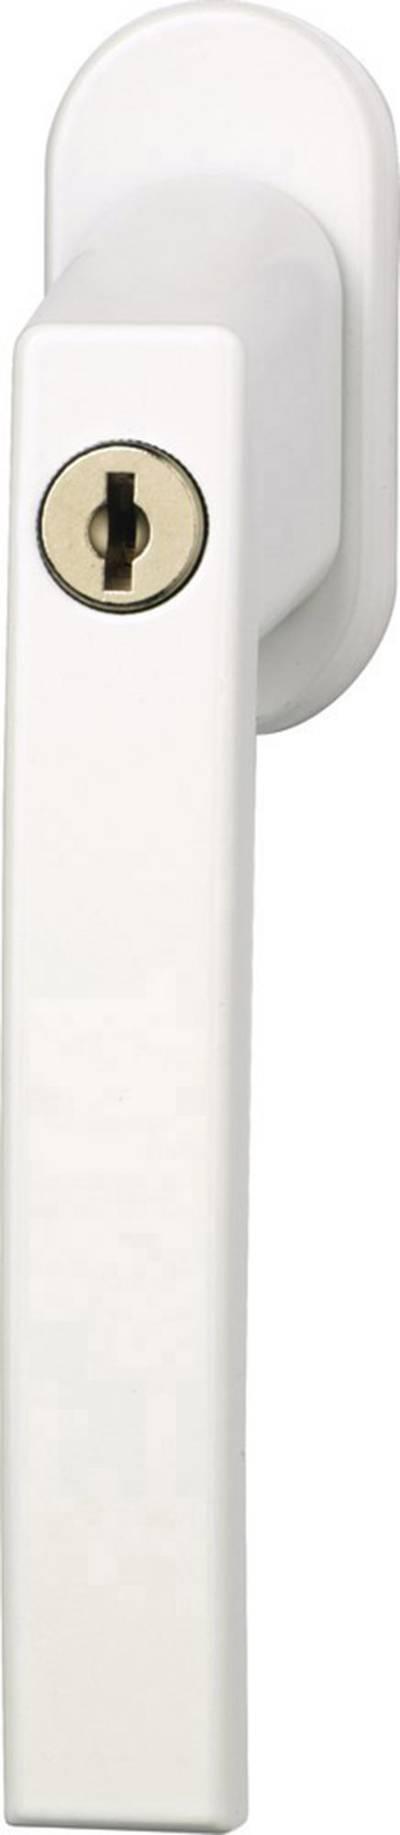 Maniglia con serratura per finestra Bianco ABUS ABFS30215